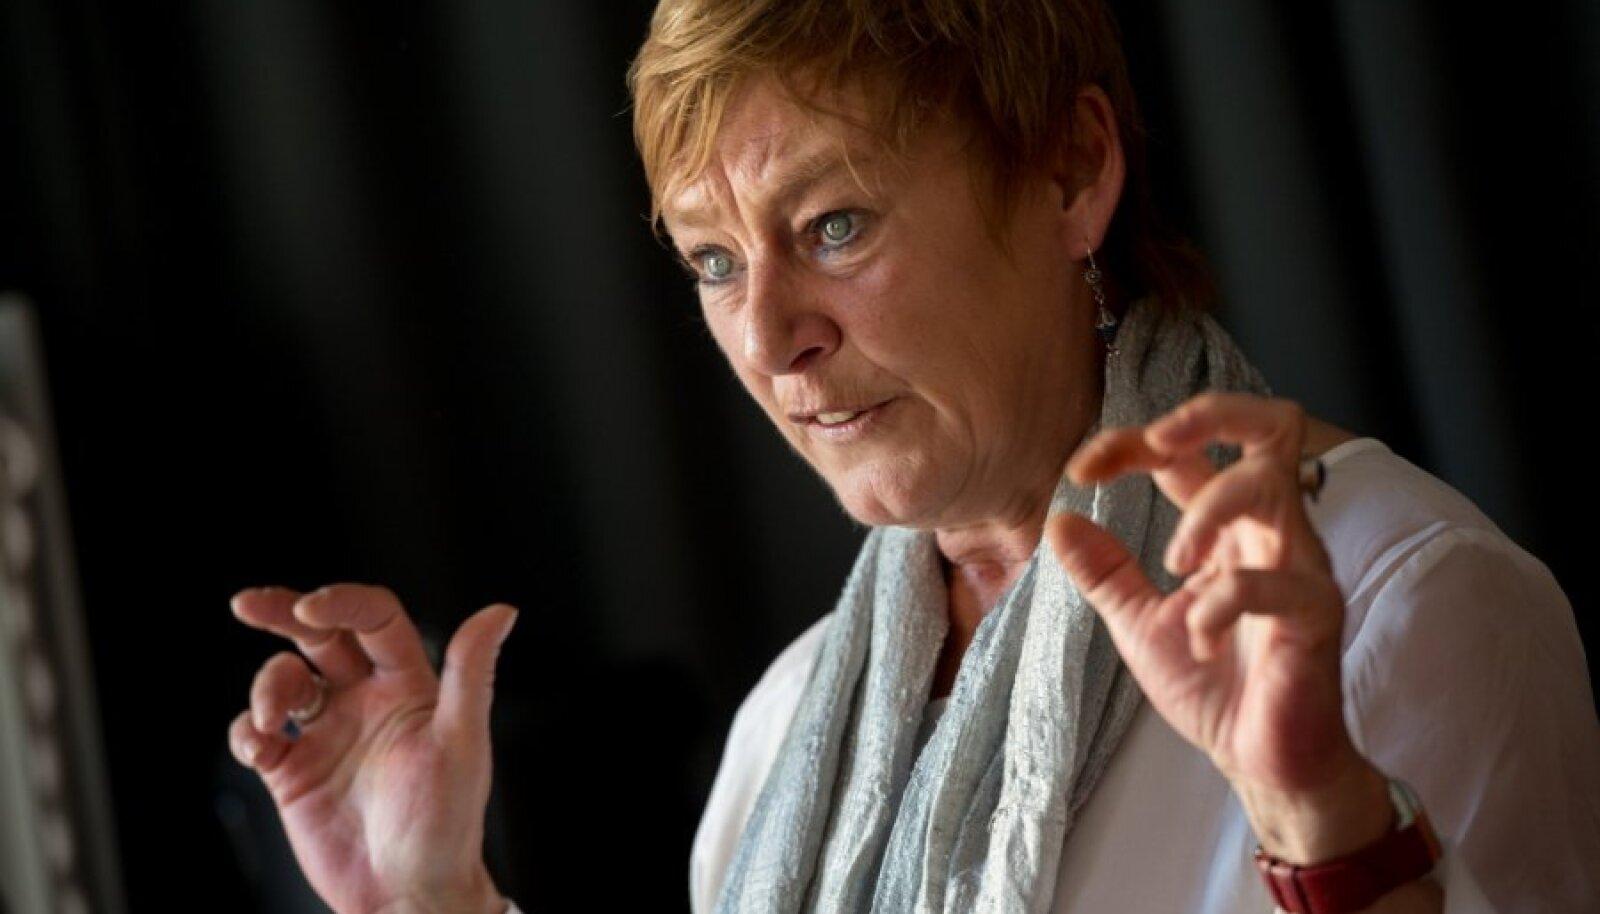 Euroopa miinimumsissetuleku tagamise võrgustiku (EMIN) juht Anne Van Lancker ütles, et vaesusest aitavad kõrge kvalifikatsioonita inimesi välja töökoht, odav ühistransport ja lastehoid.